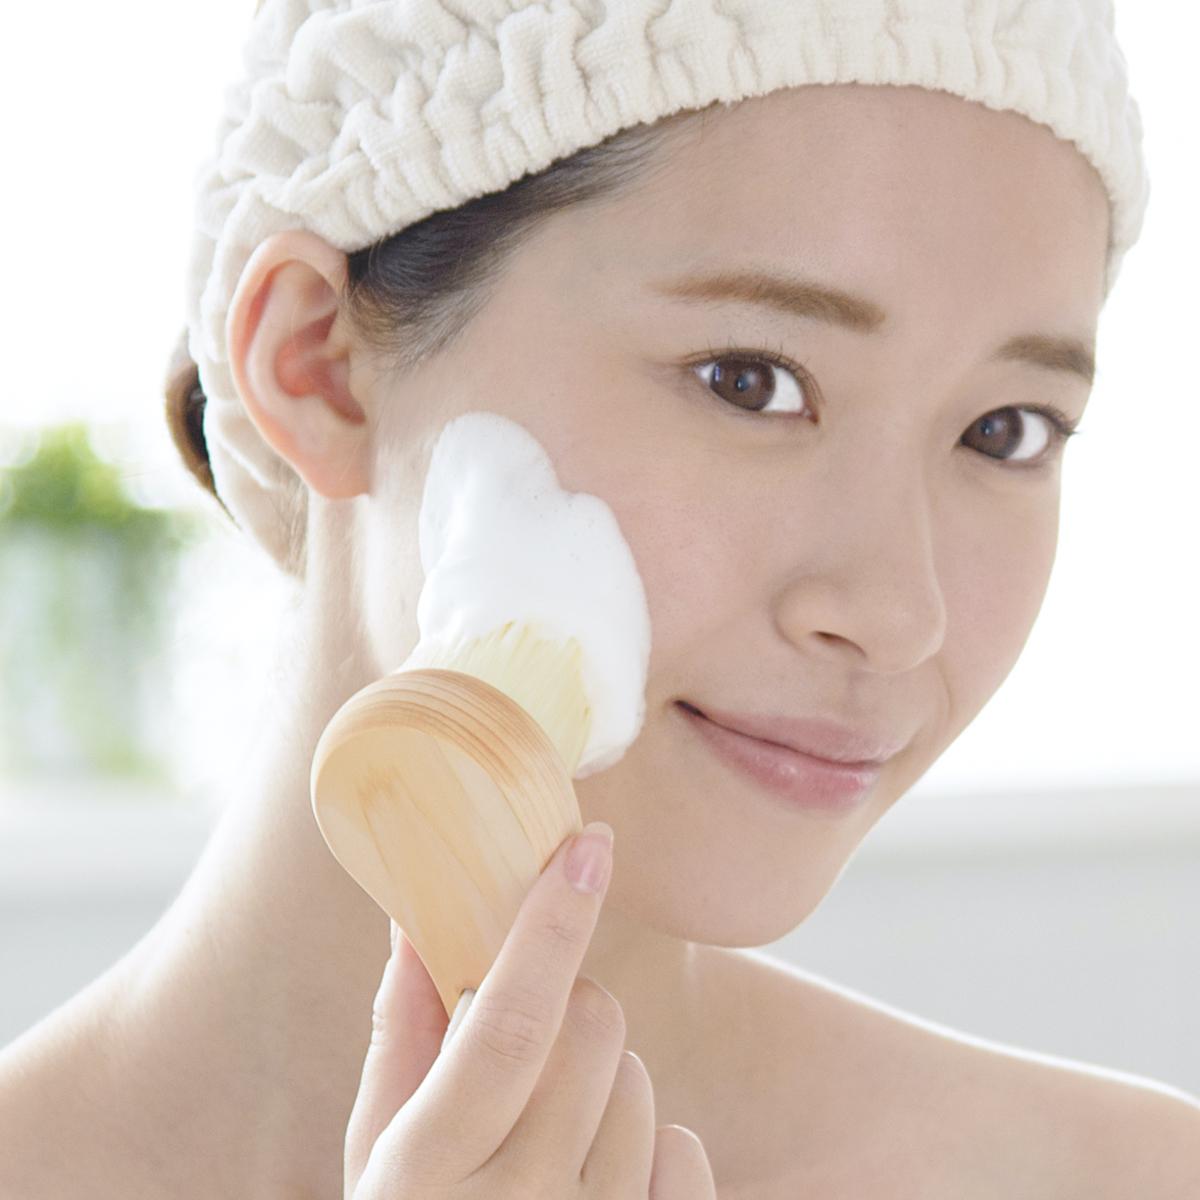 毛穴の汚れを優しく落とし綺麗な素肌を保つ洗顔ブラシ